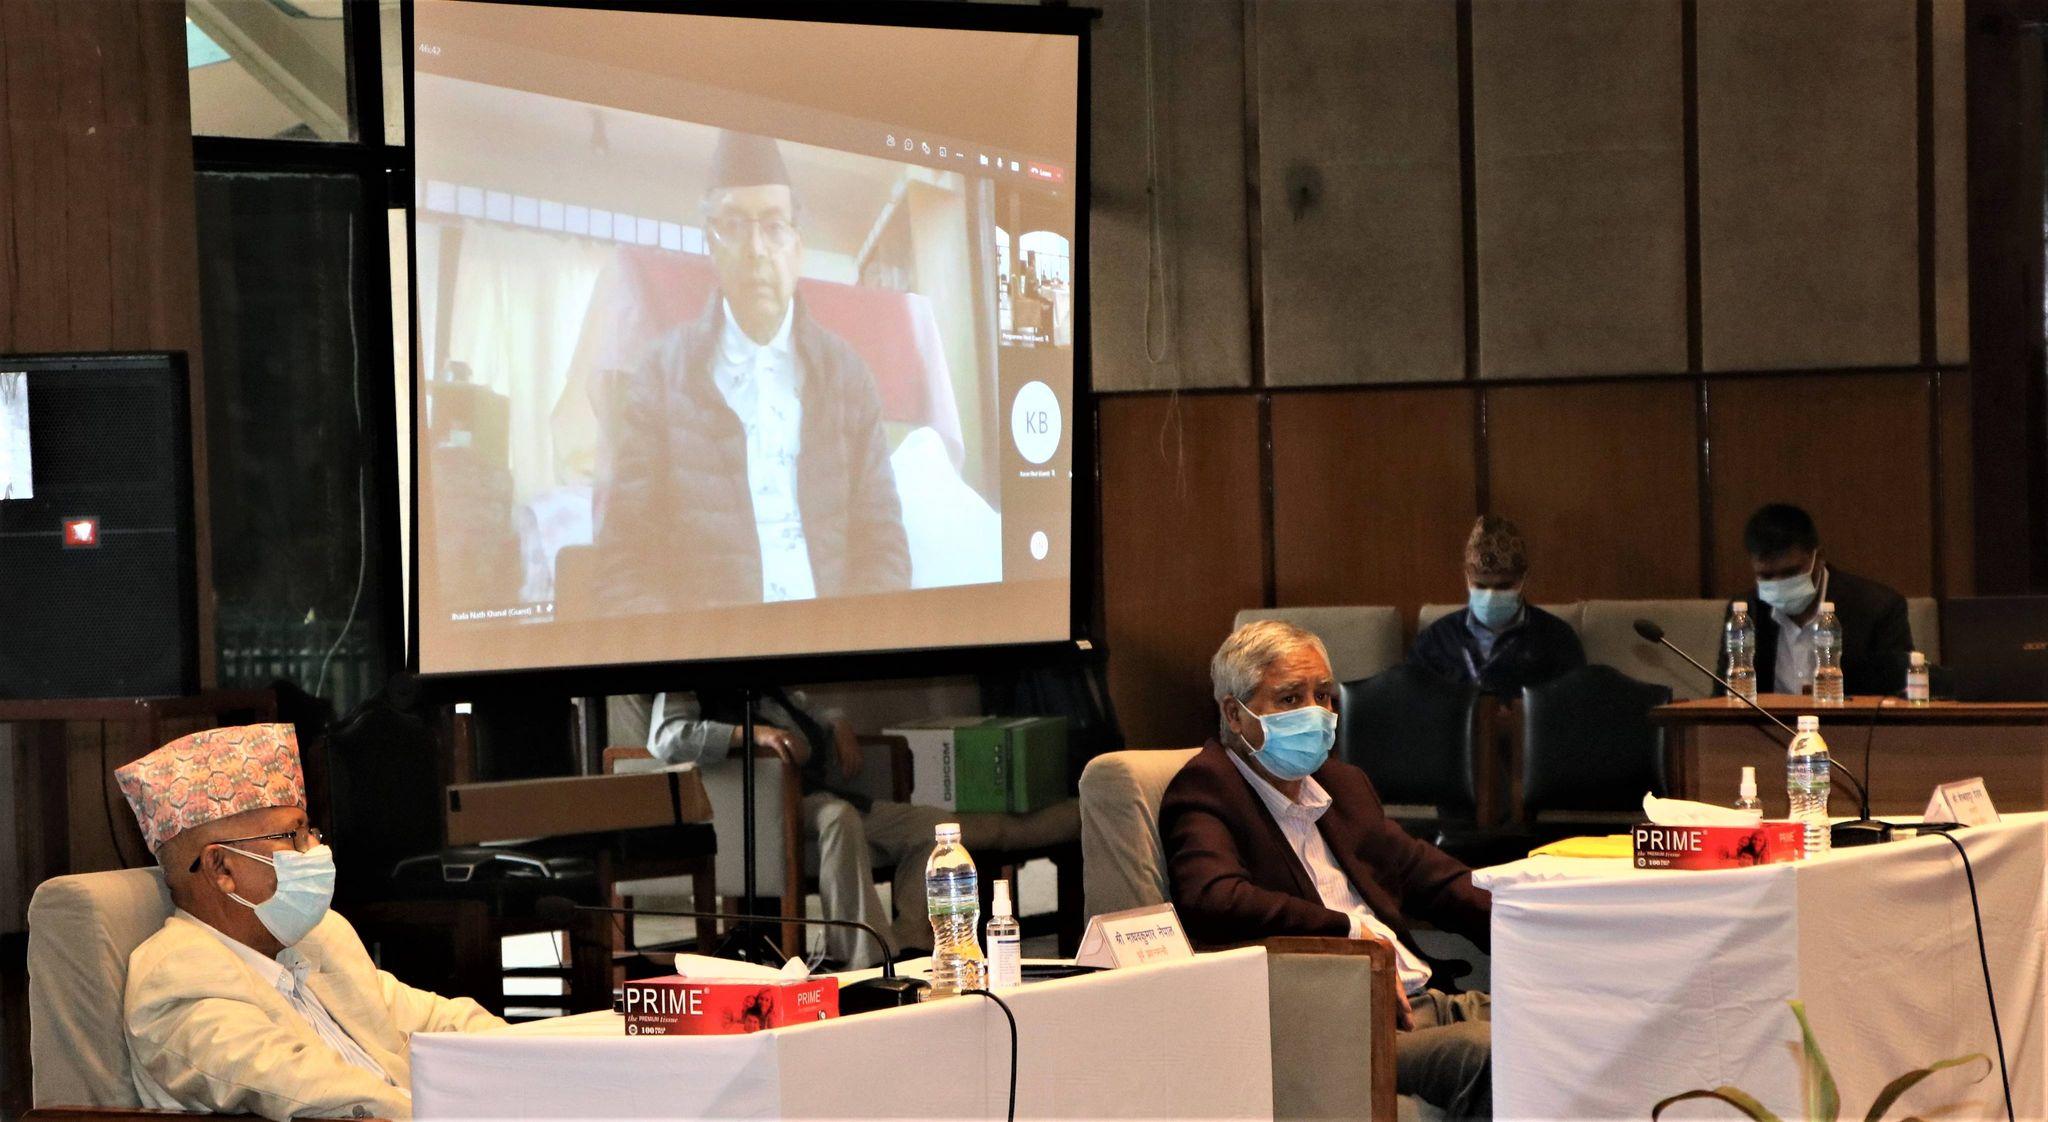 सभामुखले आह्वान गरेको बैठक शुरु, प्रधानमन्त्री अनुपस्थित (तस्बिरहरु)